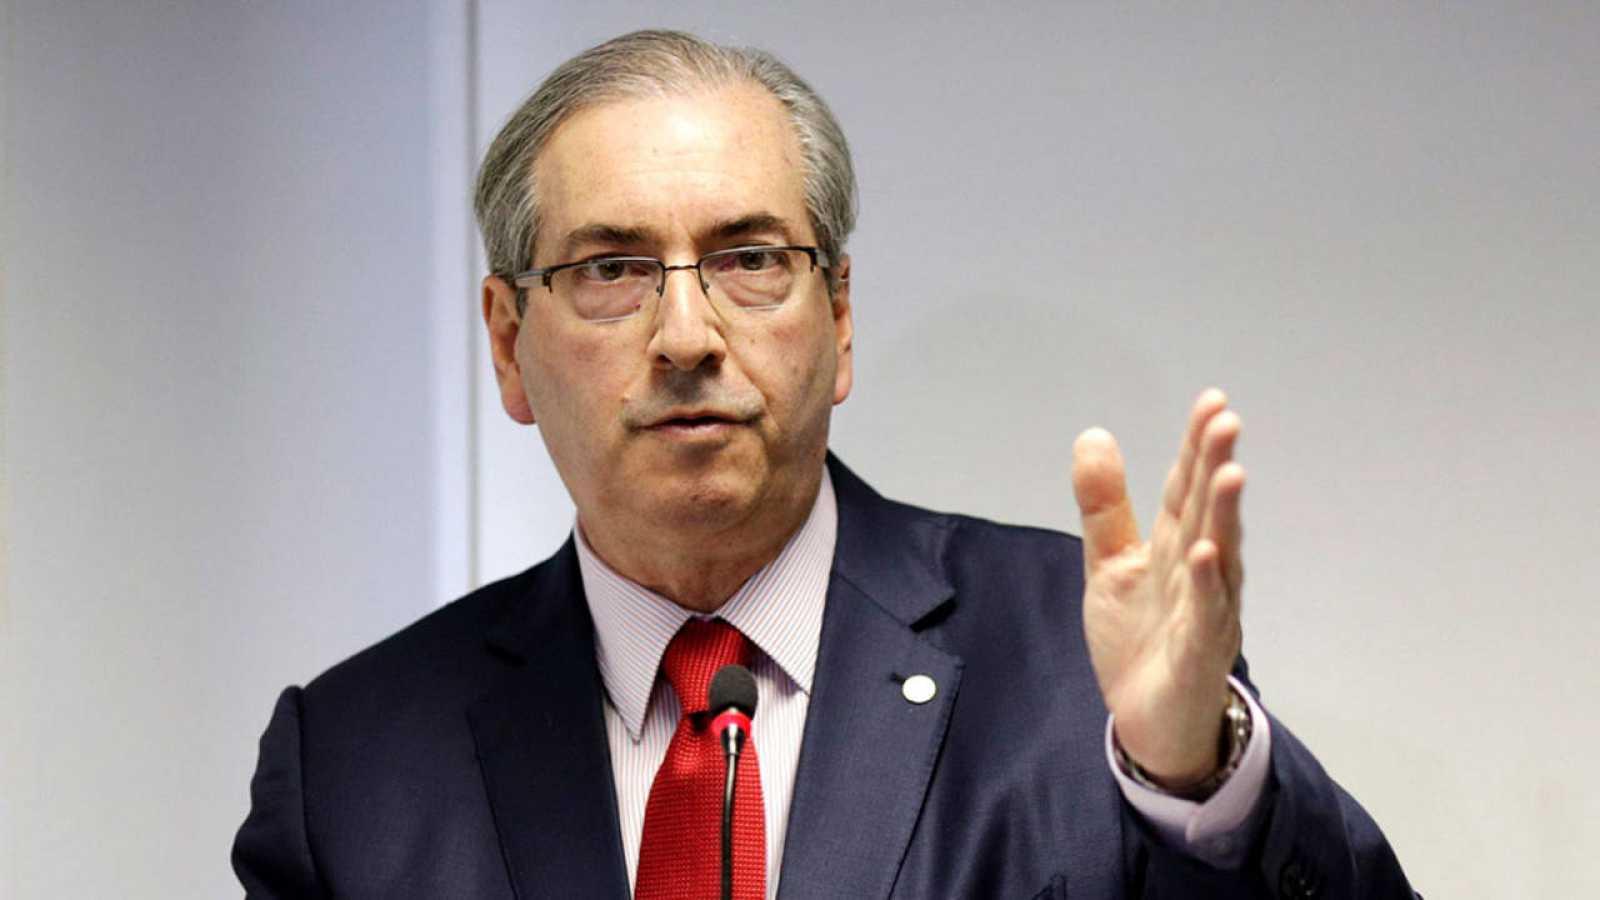 Imagen de archivo de Eduardo Cunha, presidente de la Cámara de los Diputados de Brasil.